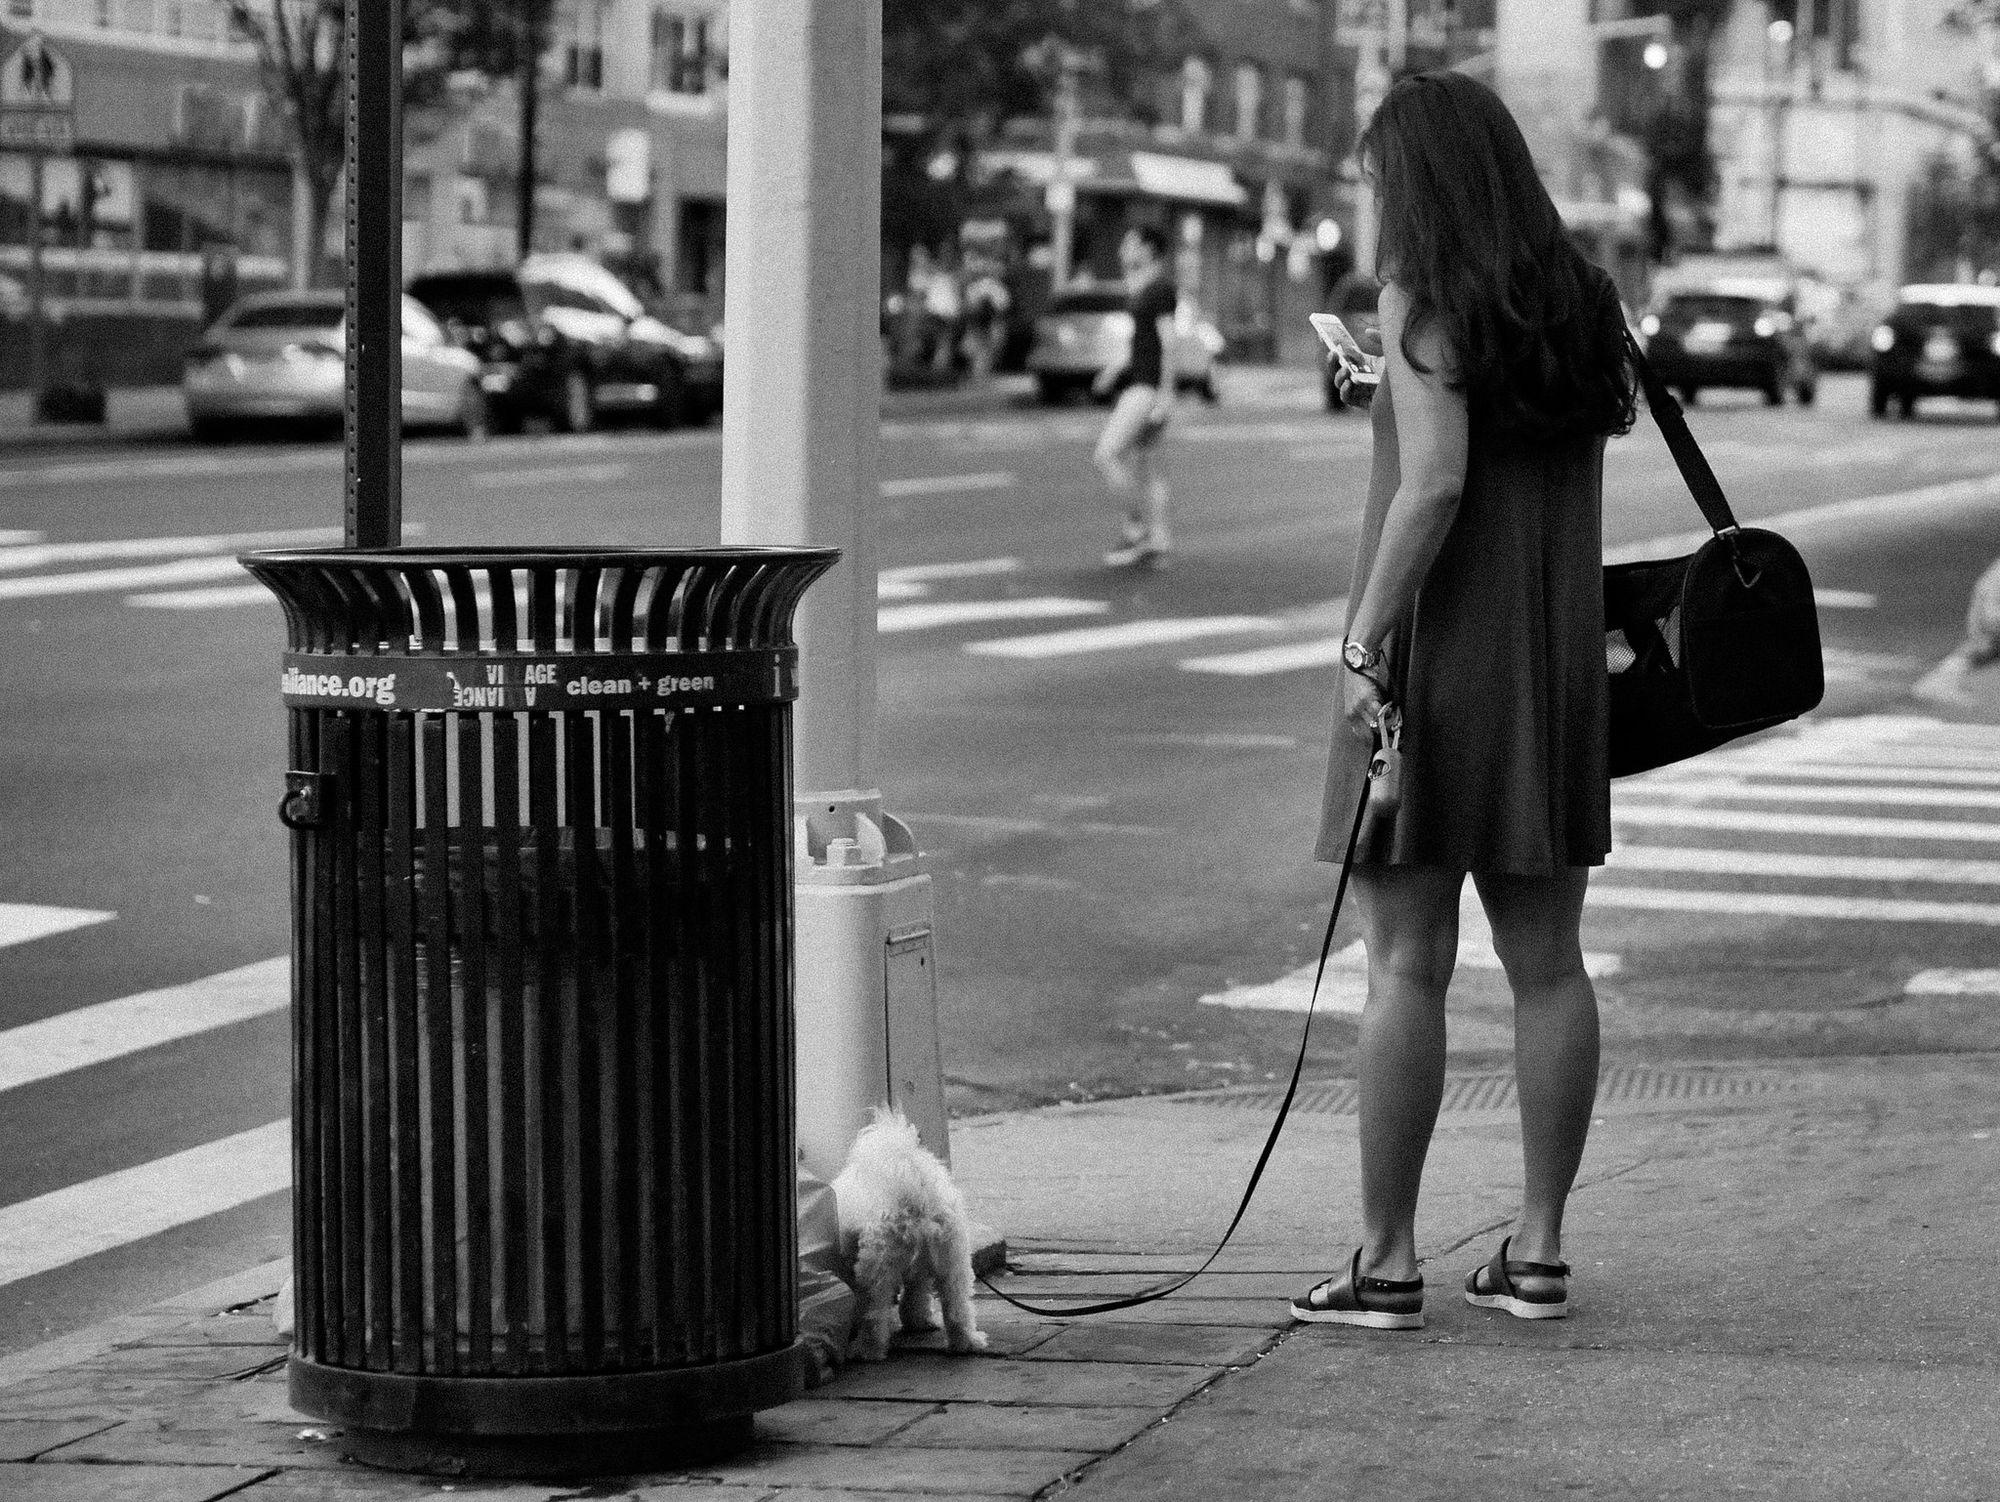 Marcher dans la rue avec son téléphone, c'est risqué